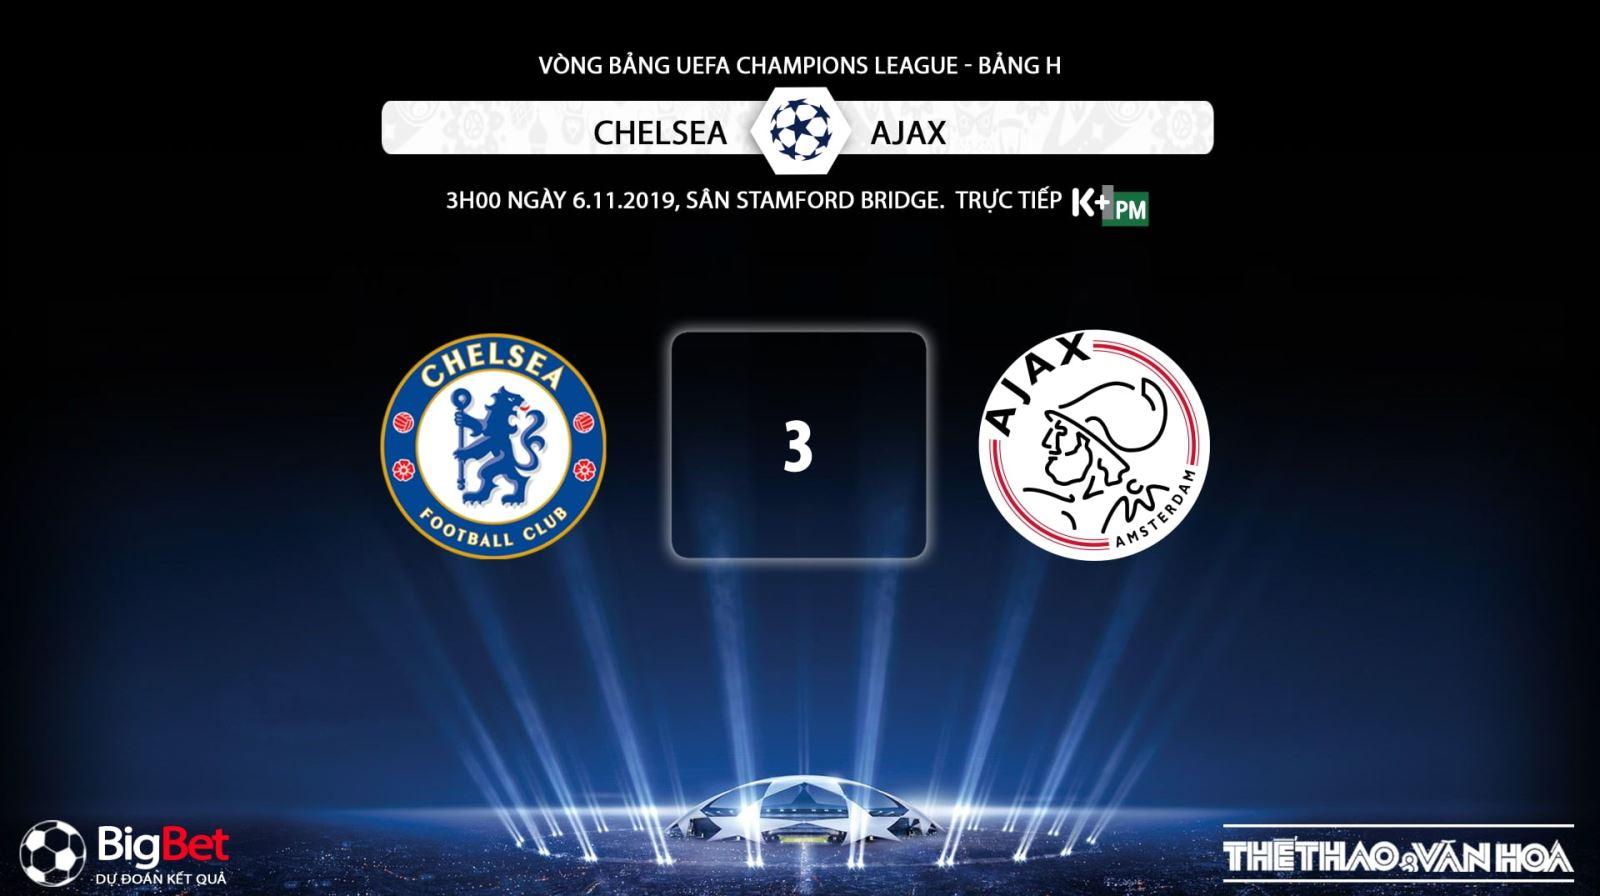 keo bong da, Chelsea đấu với Ajax , kèo Chelsea, truc tiep bong da hom nay, K+, K+PM, trực tiếp bóng đá, Chelsea vs Ajax, xem bong da truc tiep, xem bóng đá trực tuyến